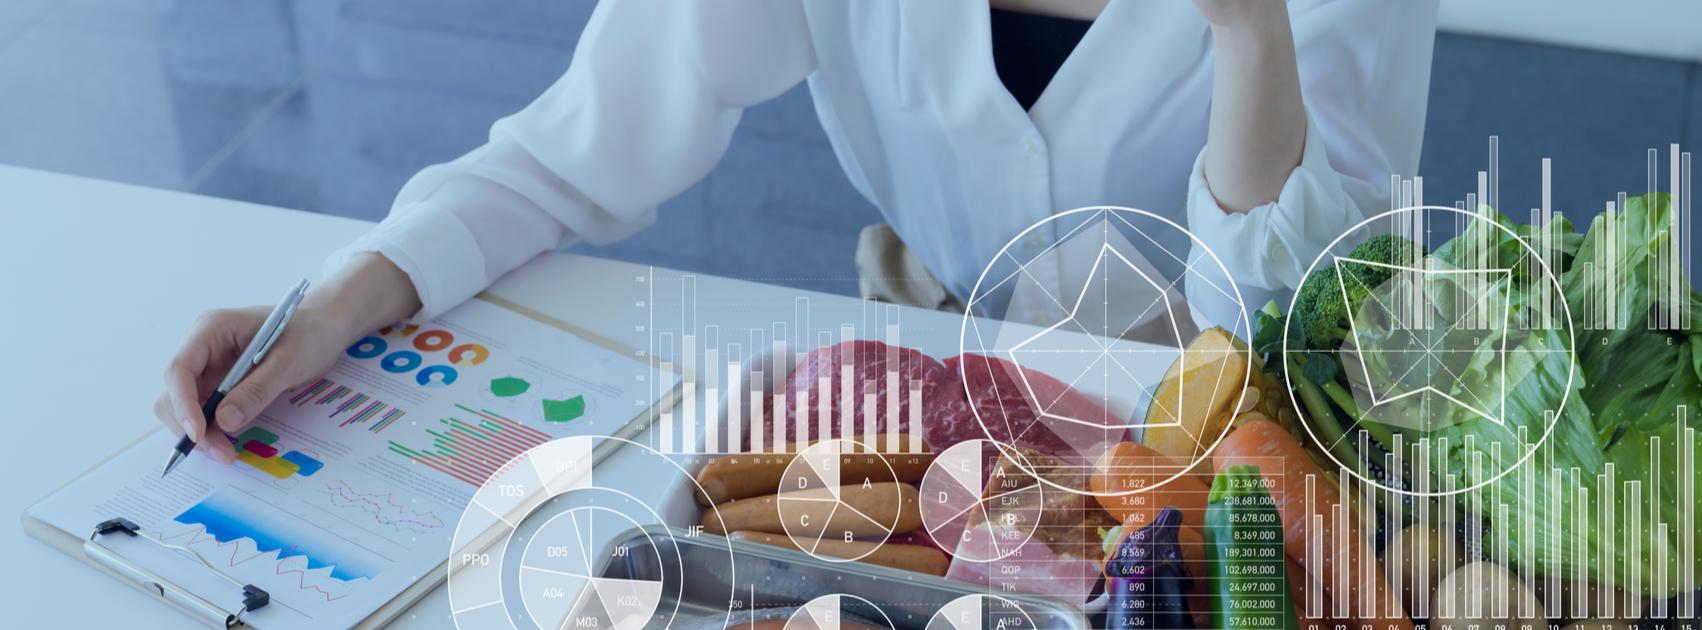 El nutriólogo, protagonista indispensable en la escena de la salud